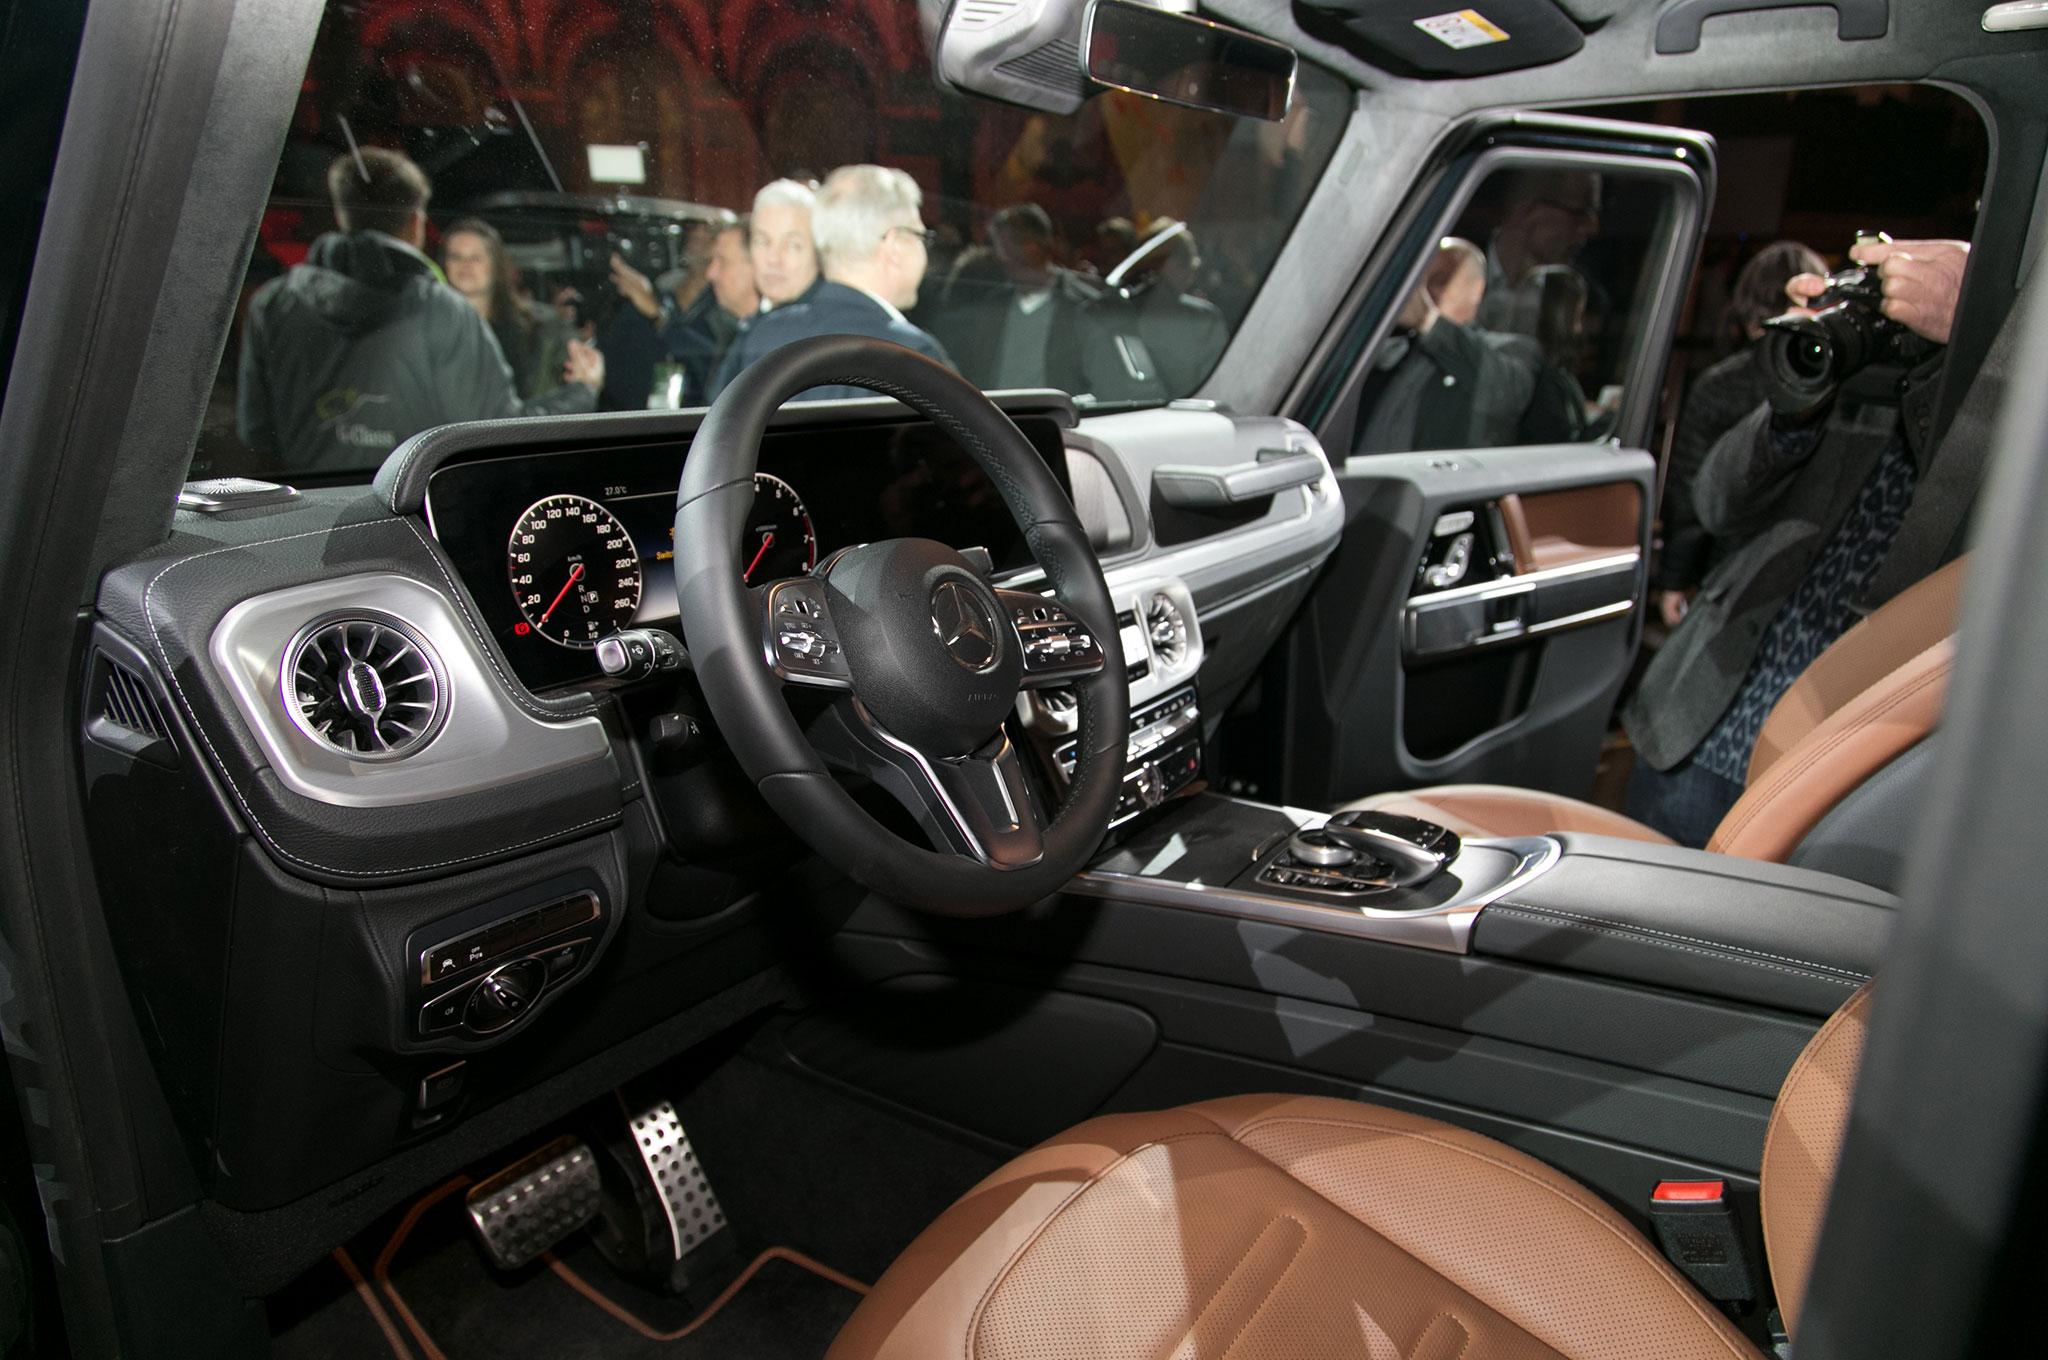 2019 Mercedes Benz G Class interior from door - Motor ...